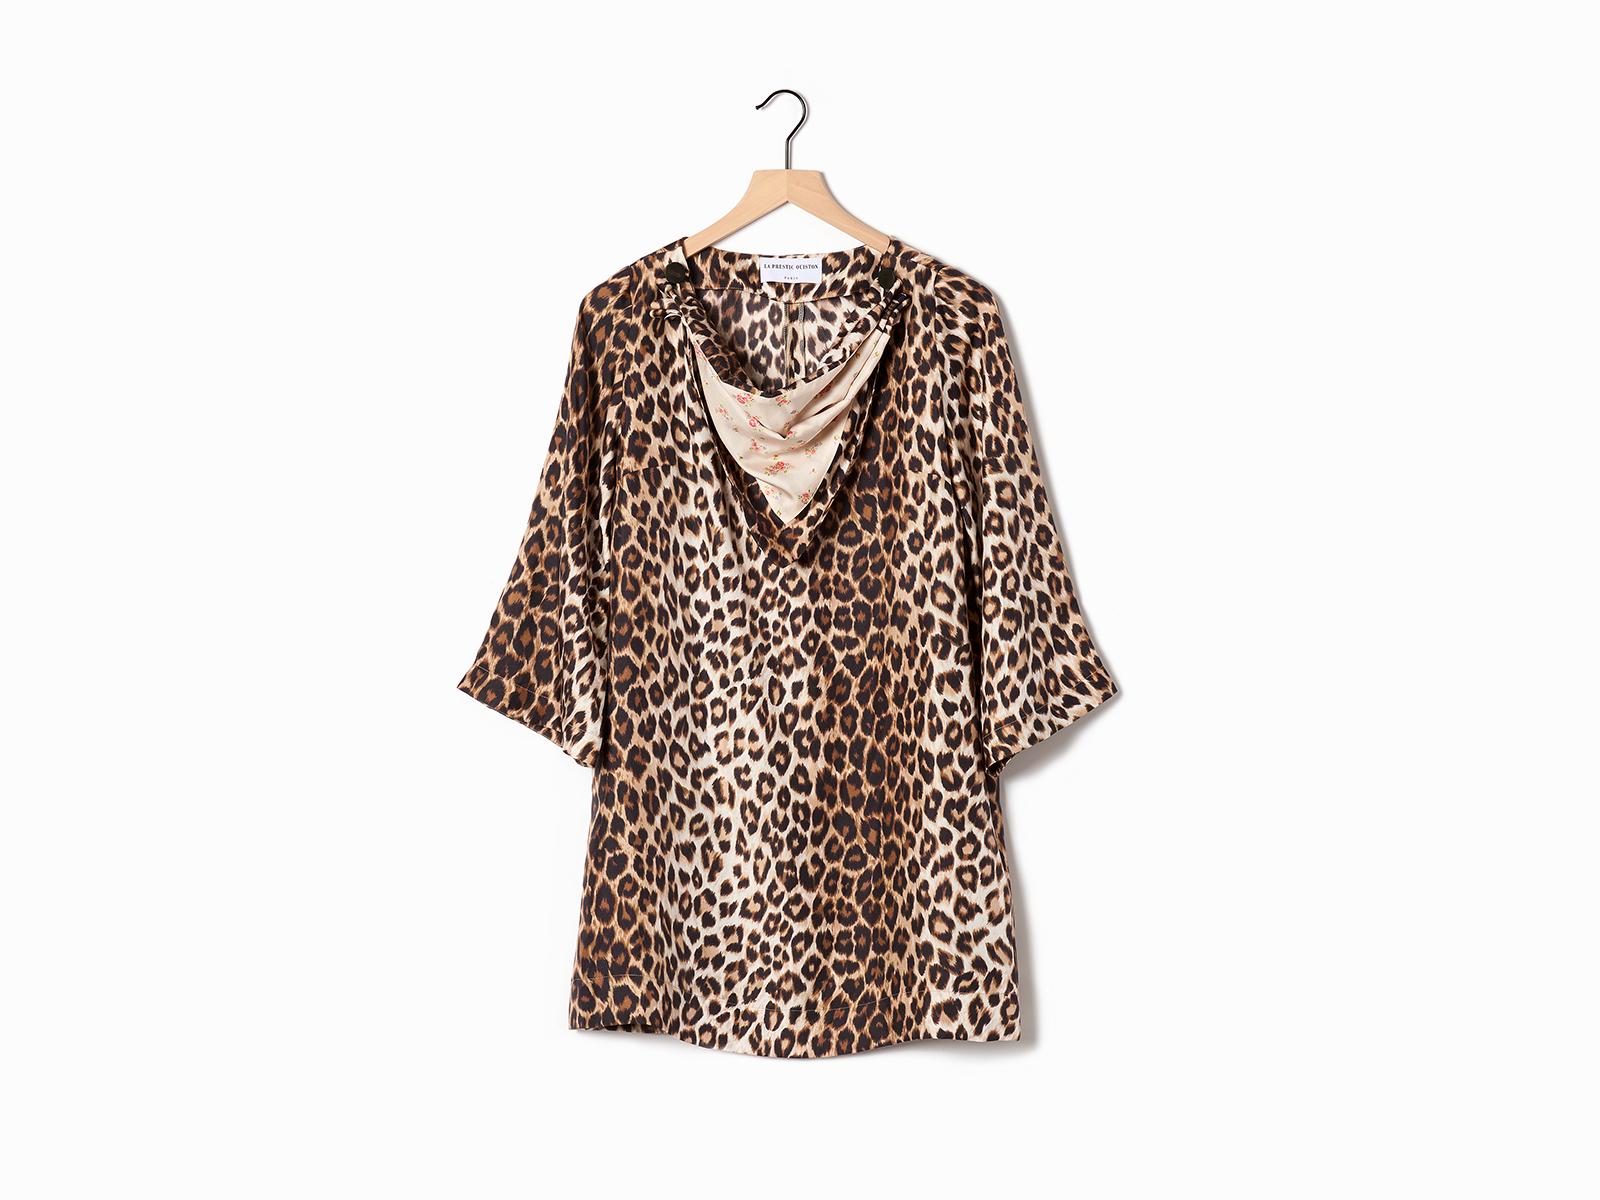 French_Italian_La_Prestic_Ouiston_Scarf_Dress_Leopard_01.jpg